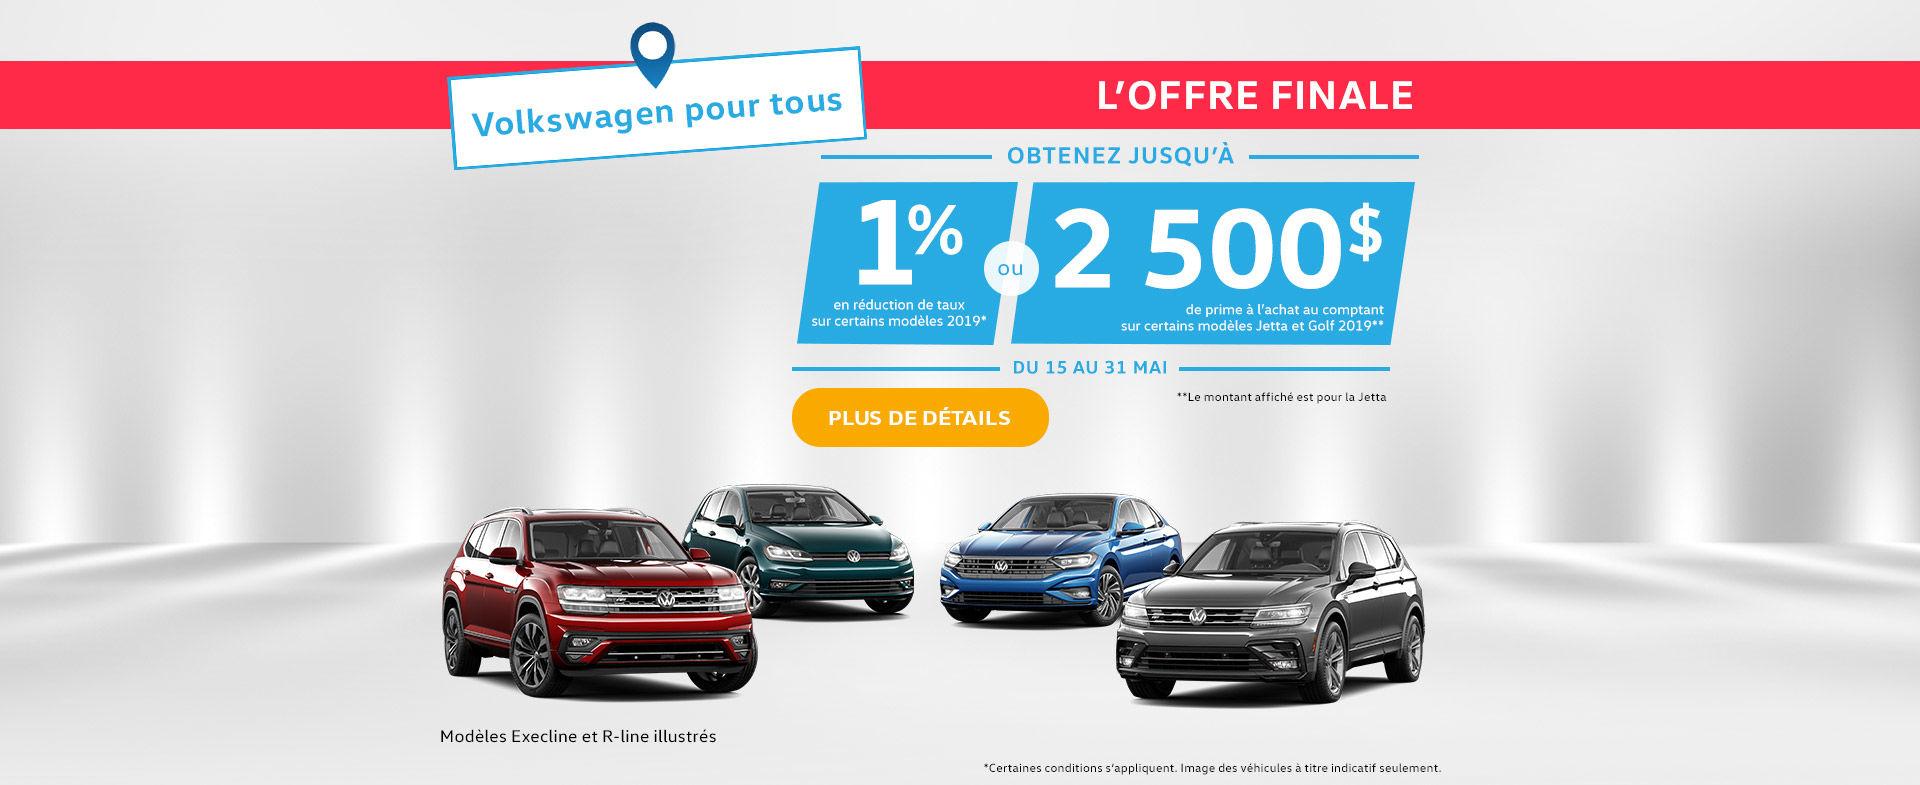 L'événement mensuel Volkswagen! Offre Finale